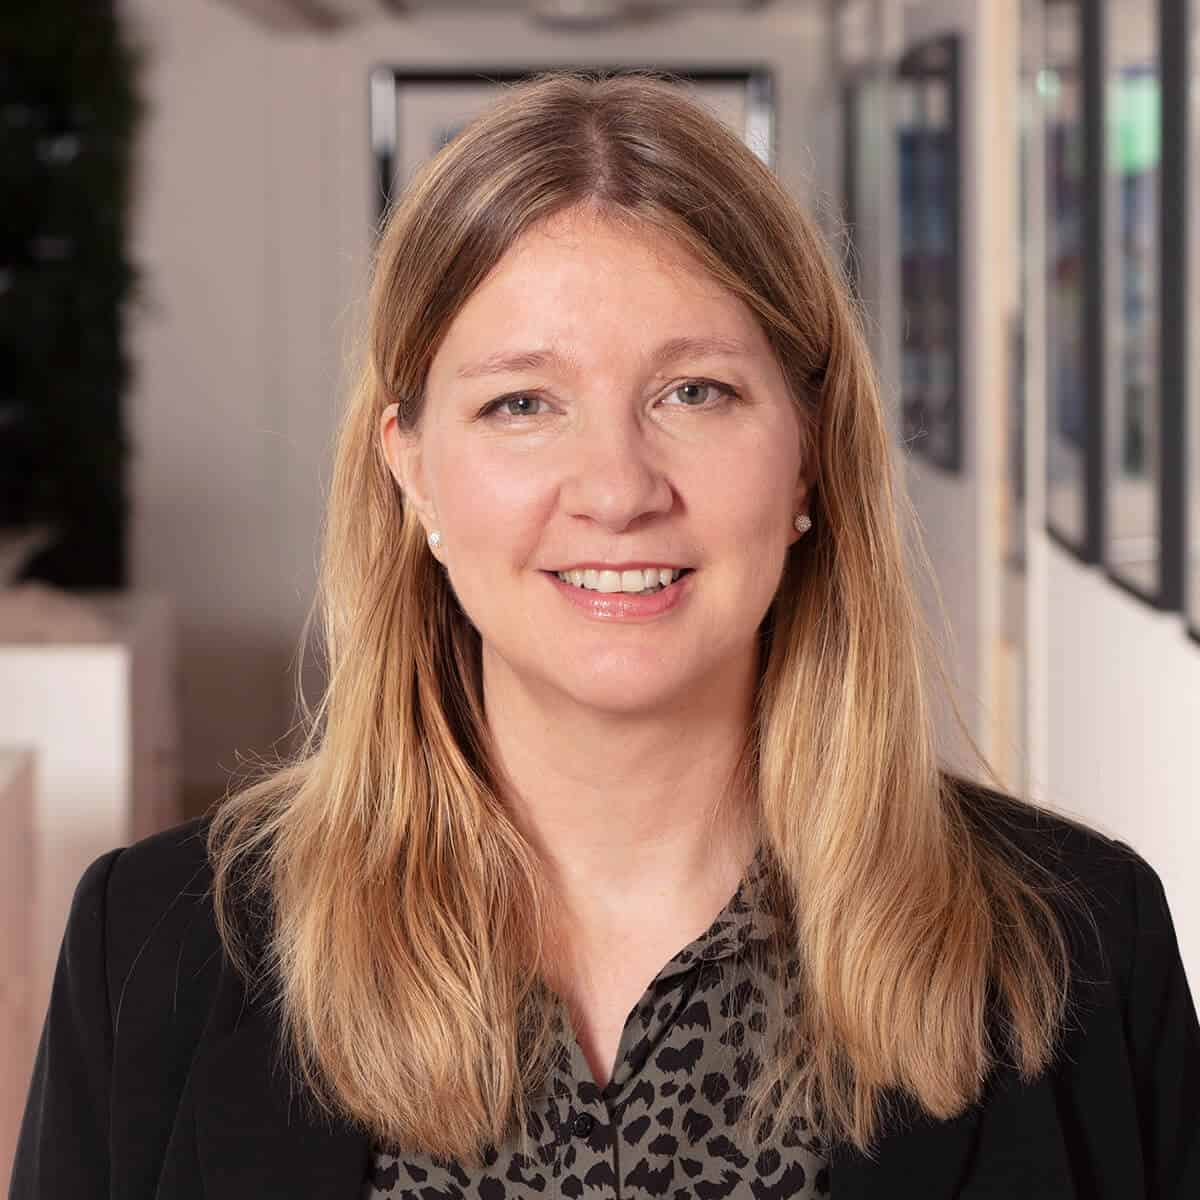 Katrin Lindmark